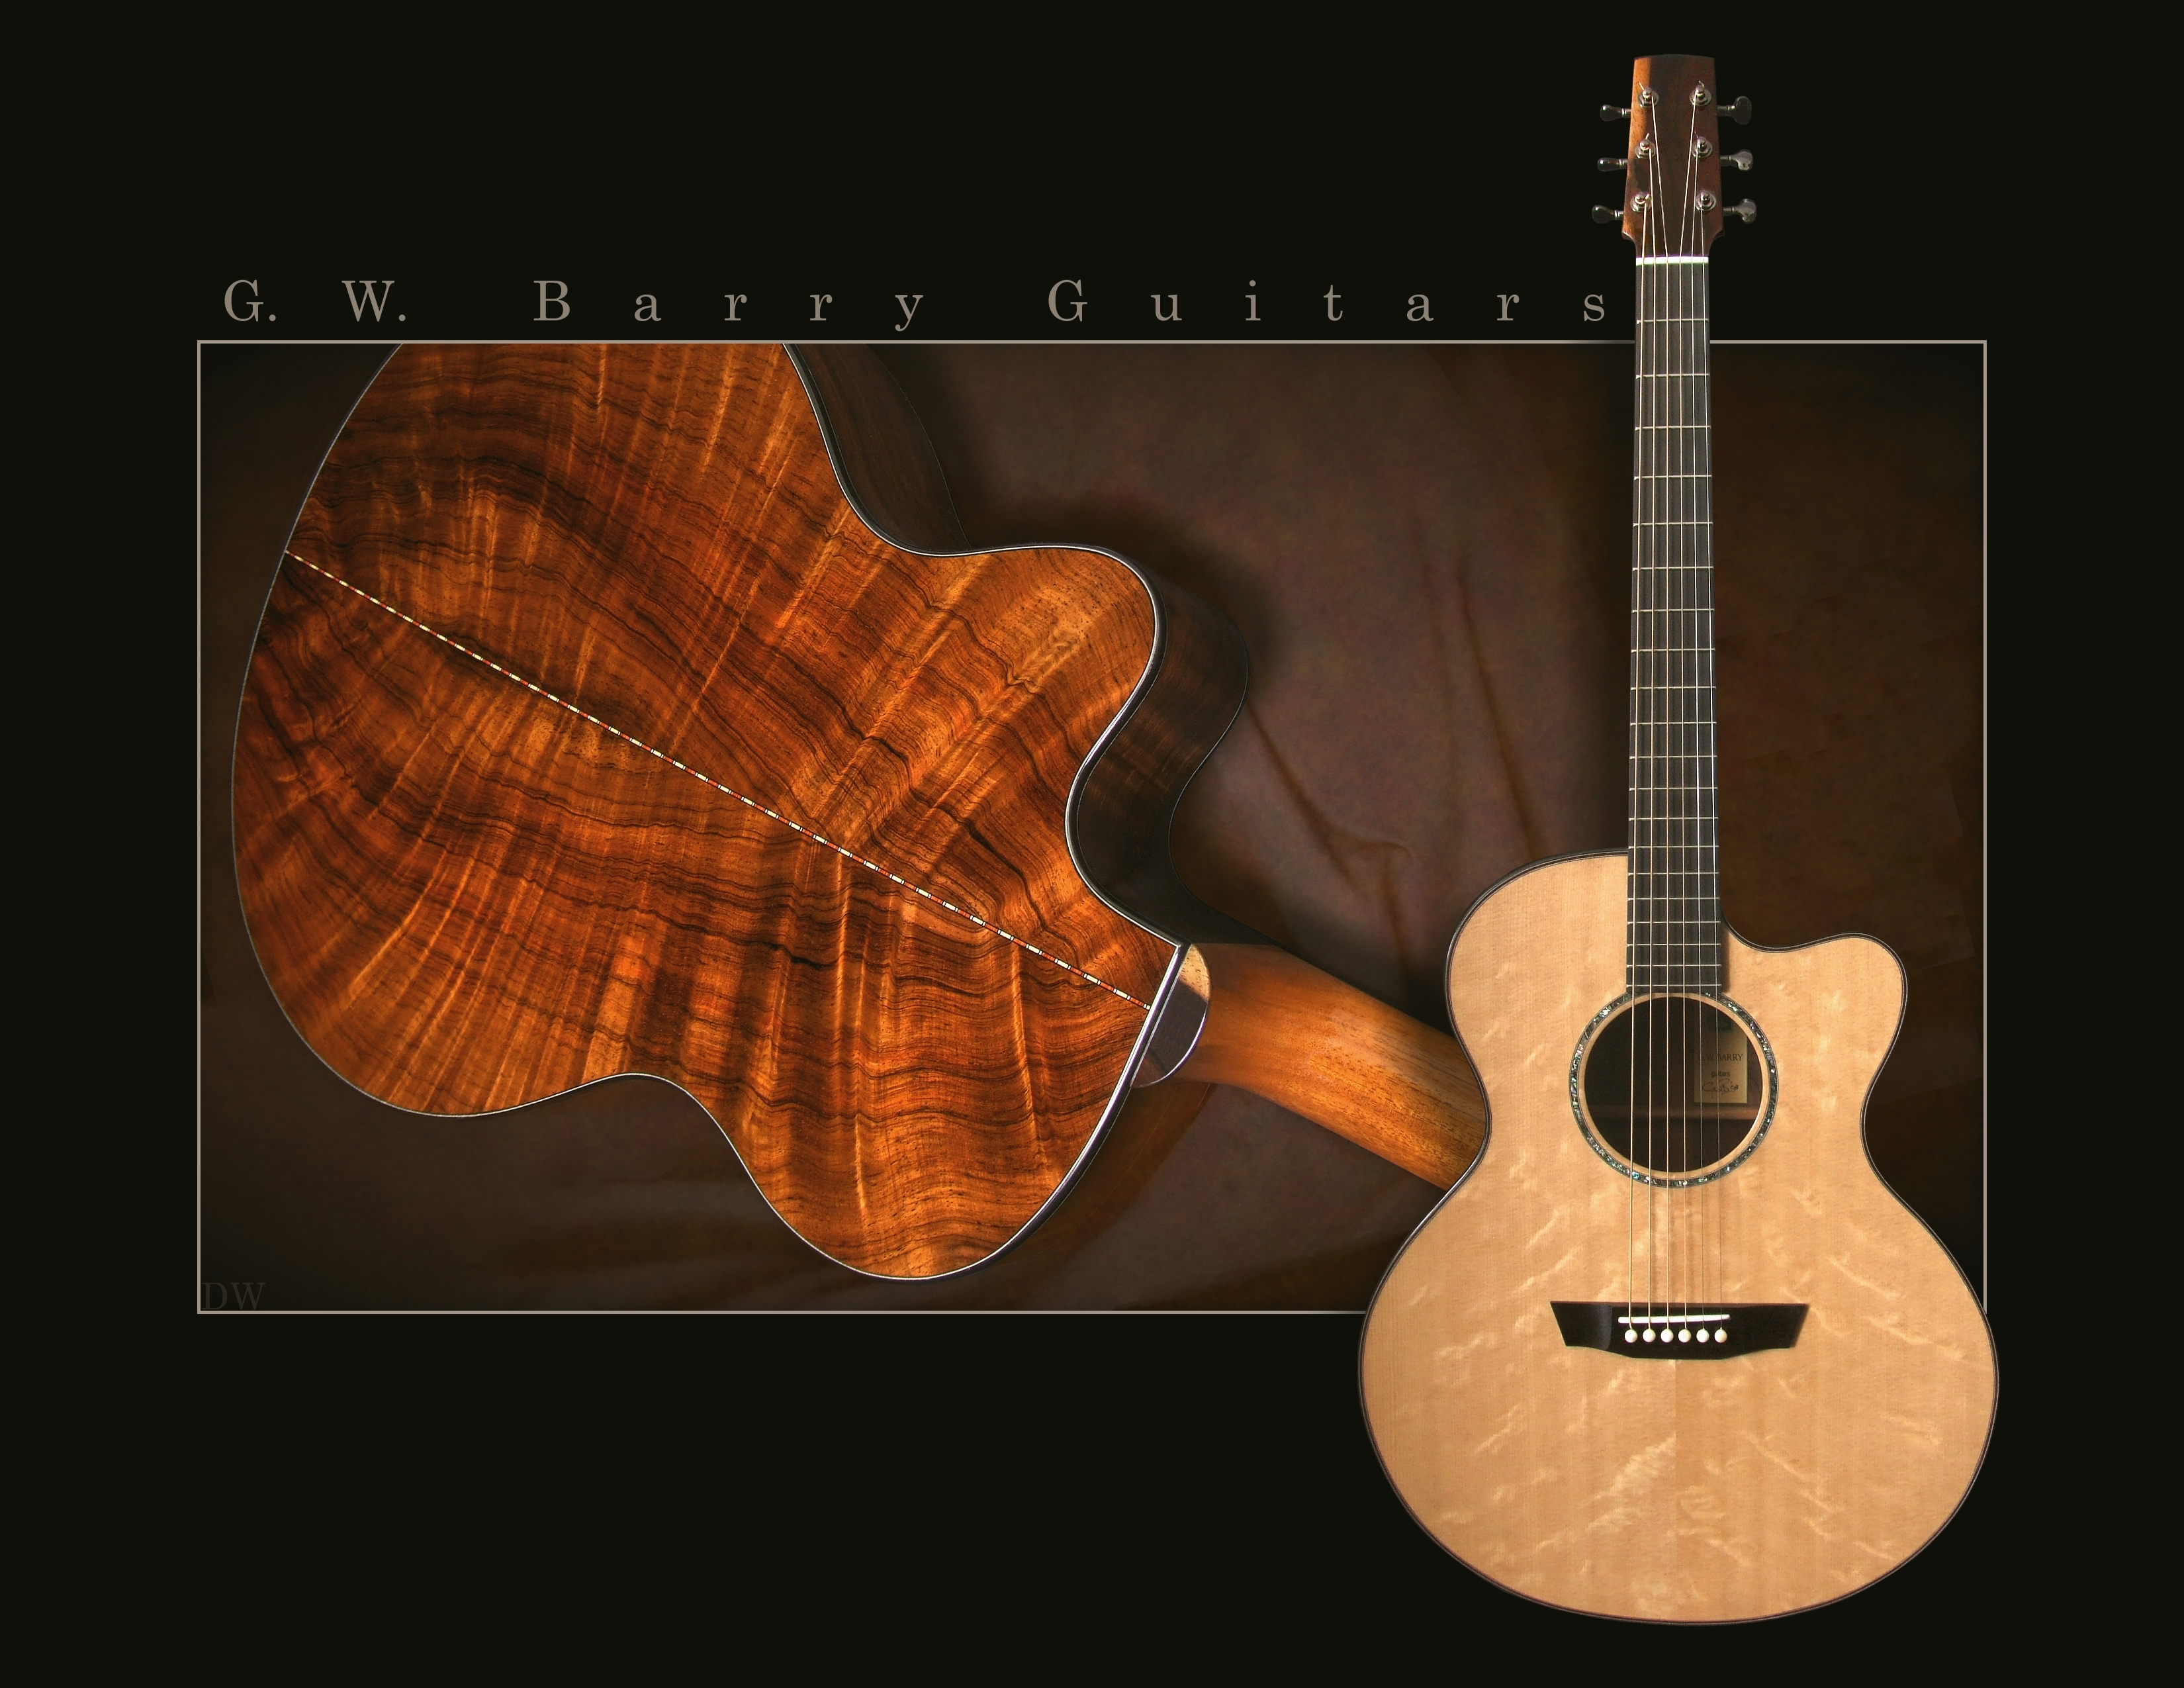 G. W. Barry Hand Built Guitars Brazilian Concert Guitar